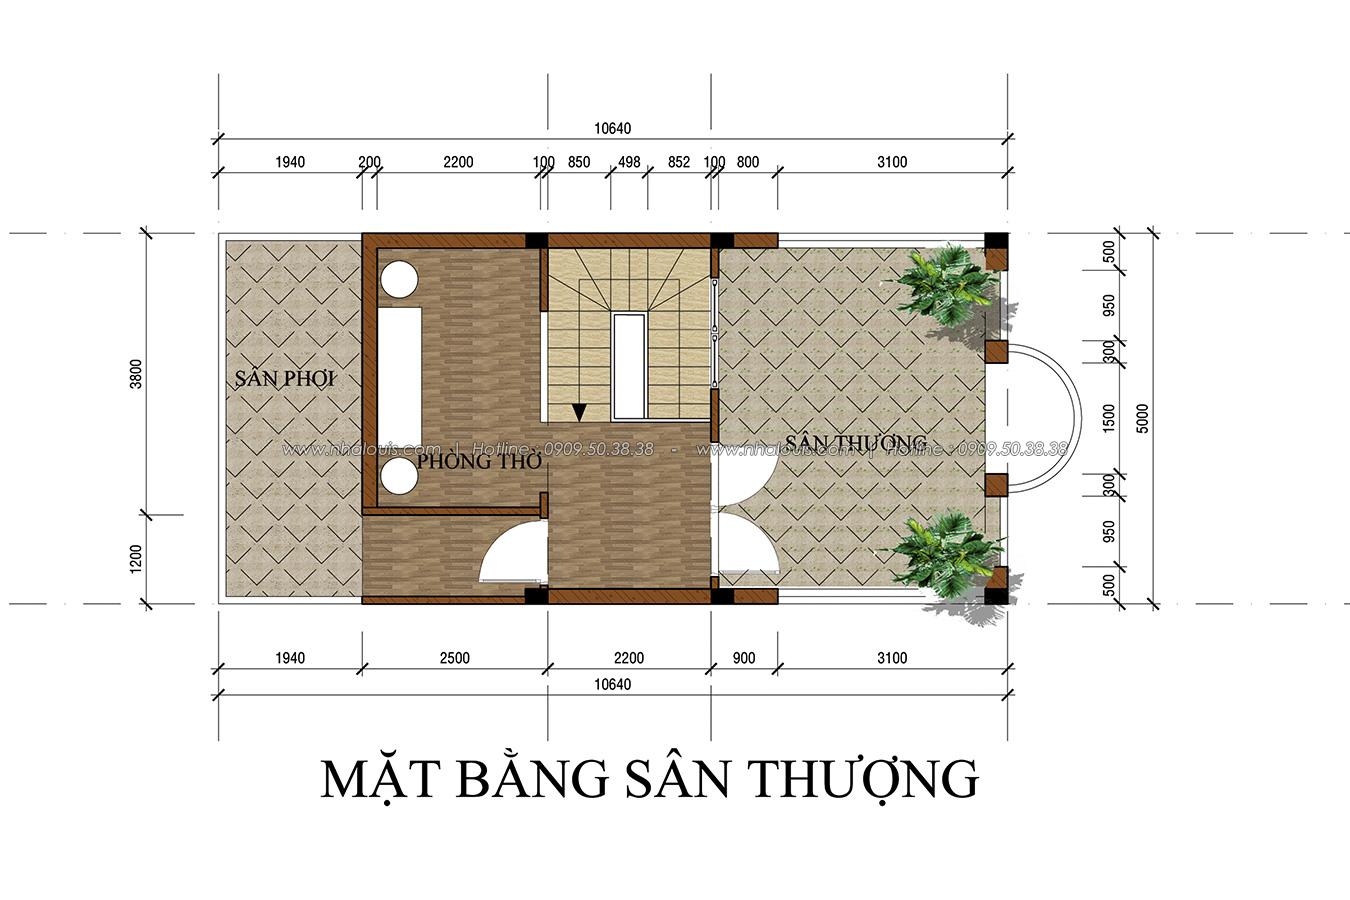 Thiết kế nhà tân cổ điển 2 tầng tại Bình Dương đẹp sửng sốt - 16